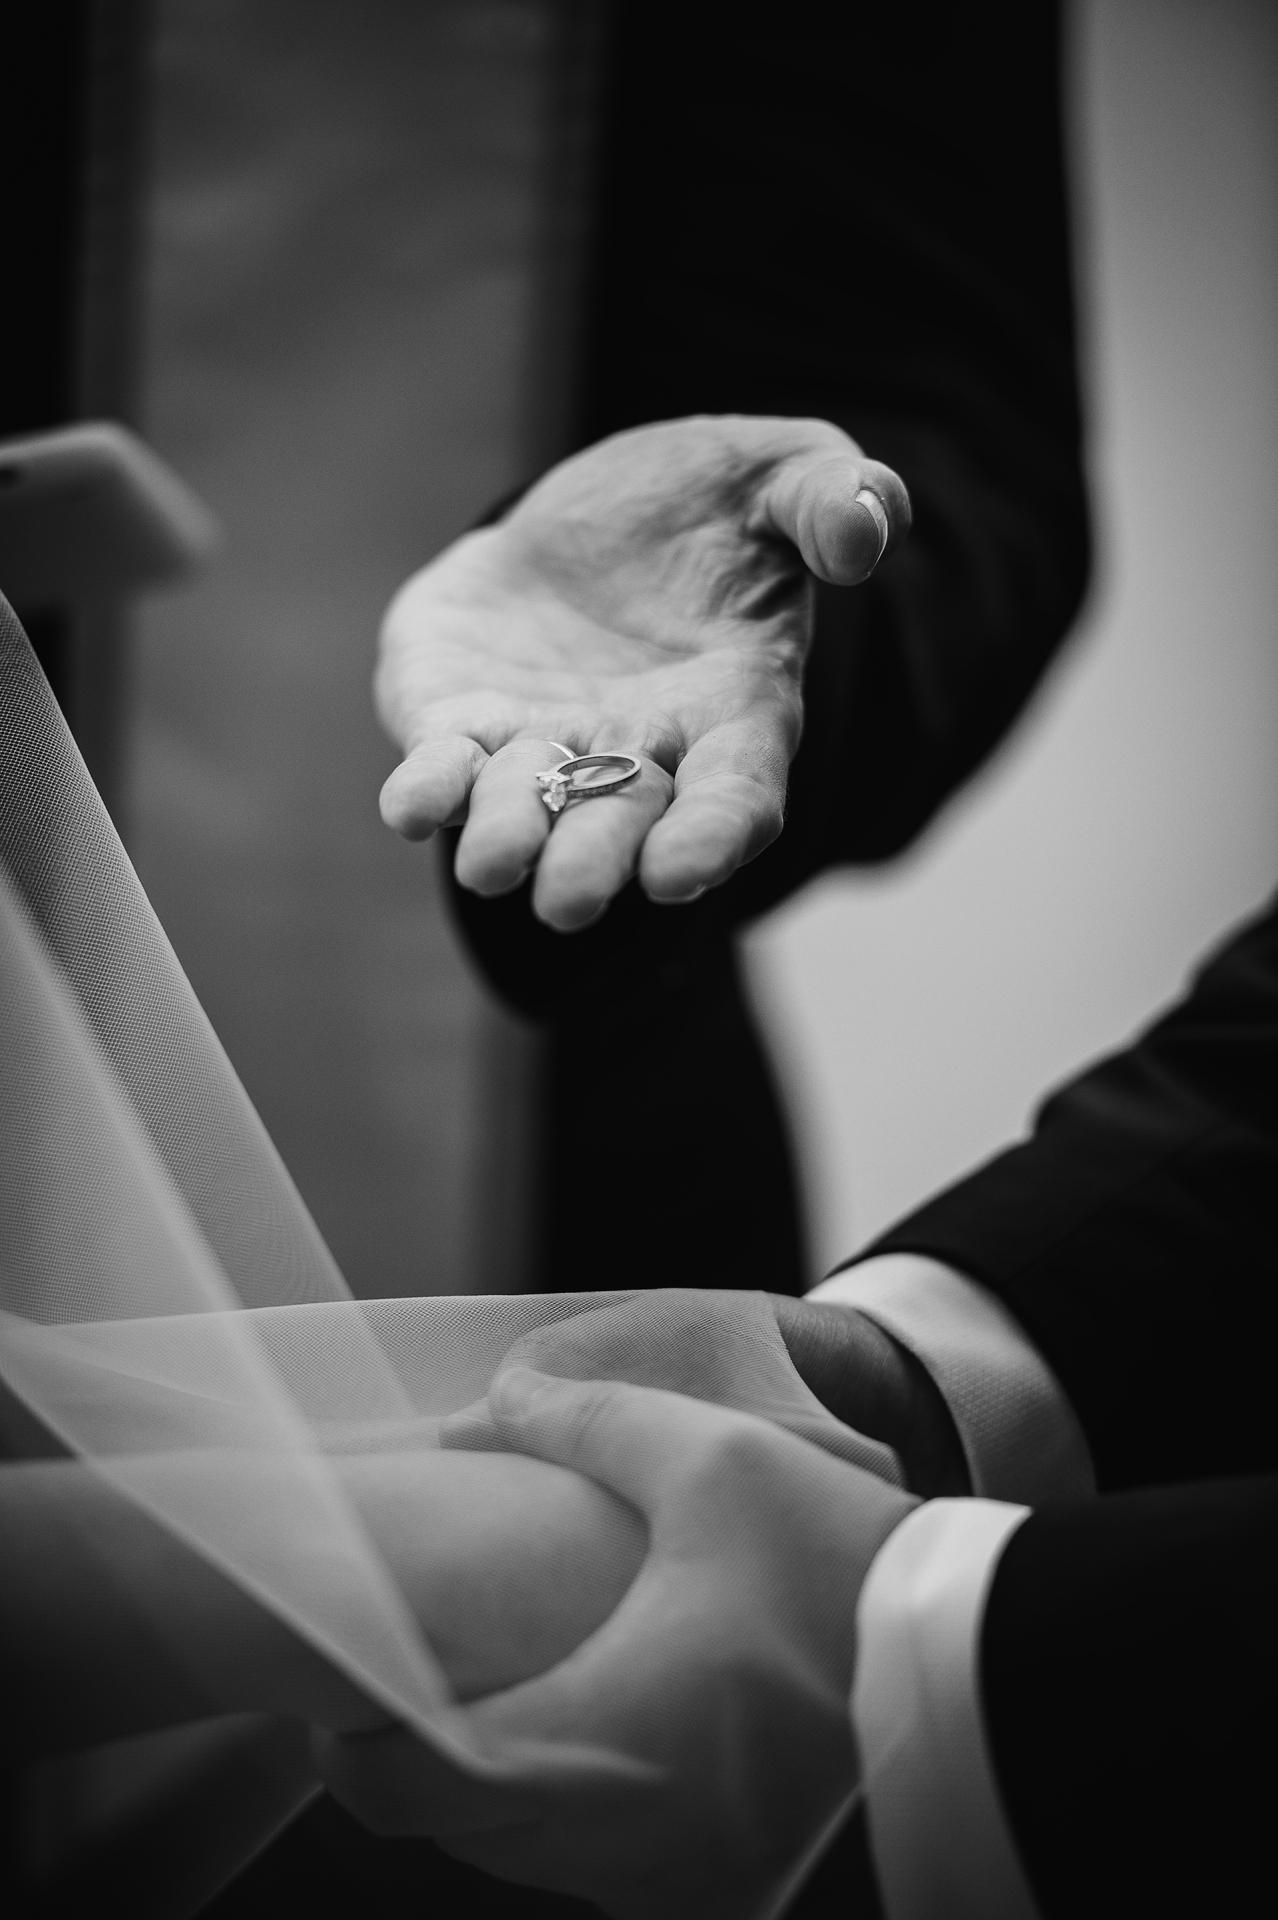 Petite cérémonie d'évasion à Central Park, NYC | Photographie détaillée - Quatre mains jointes attendent le placement des anneaux.